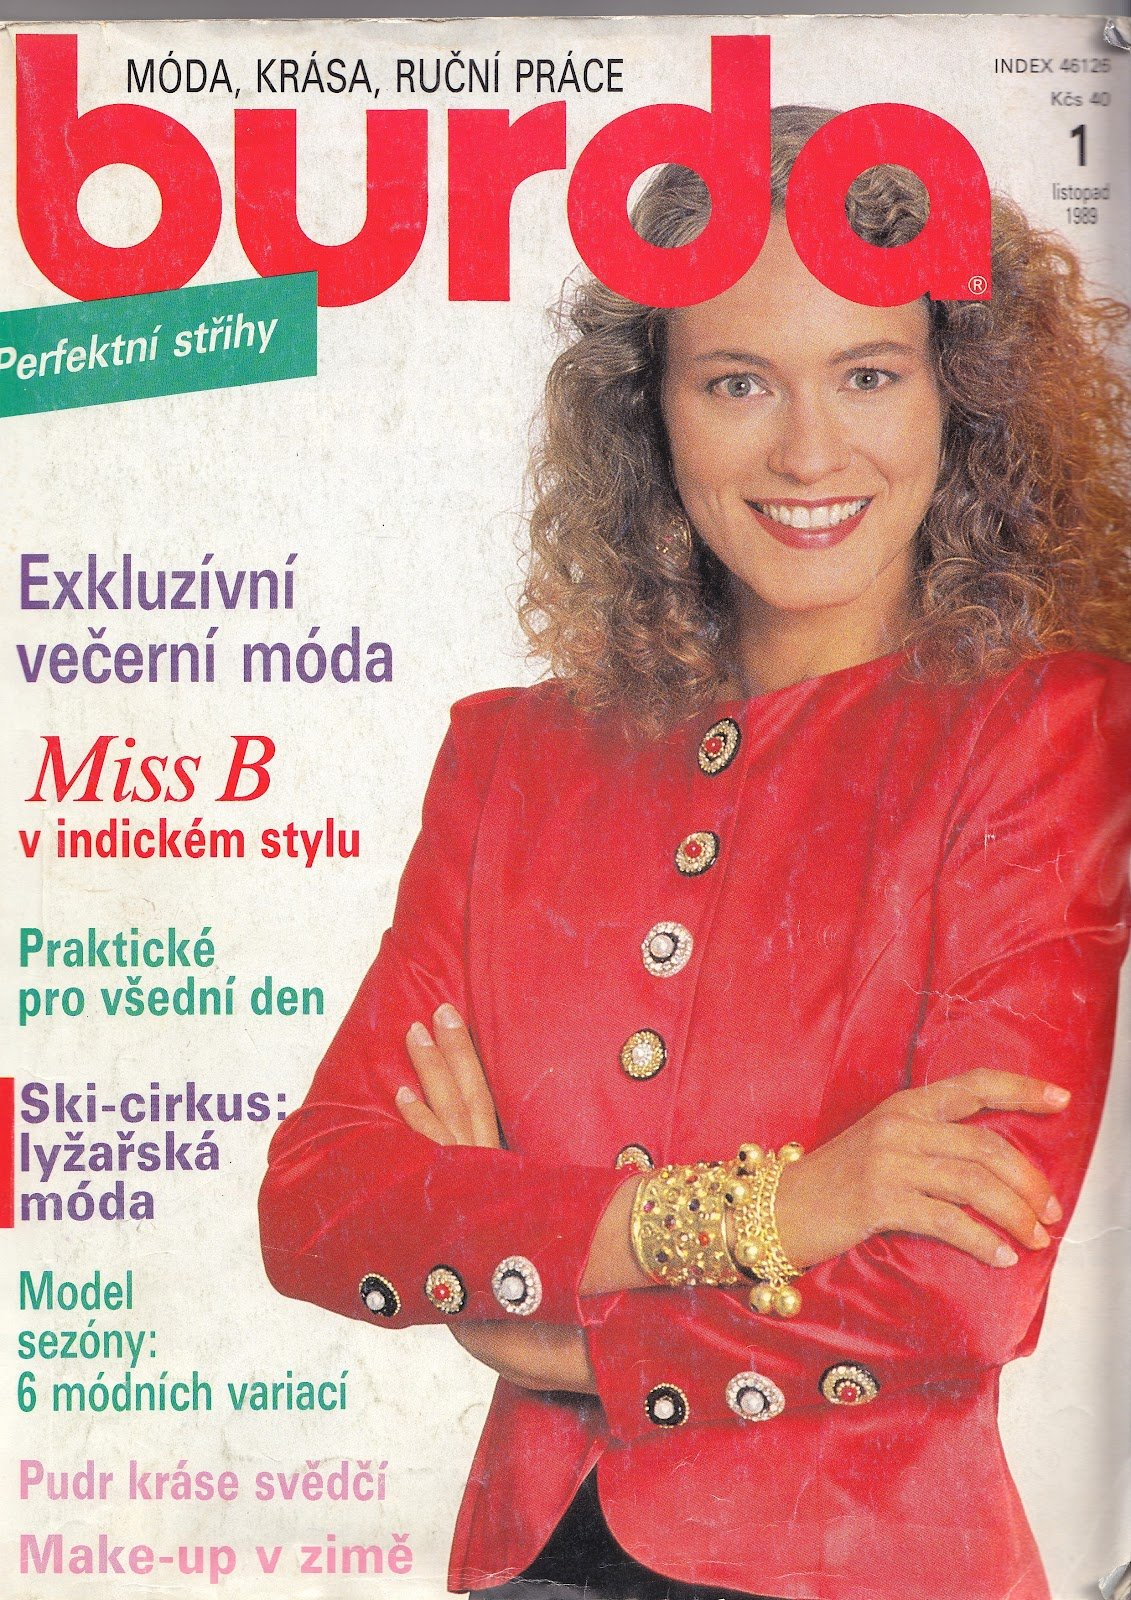 Časopis Burda z roku 1989